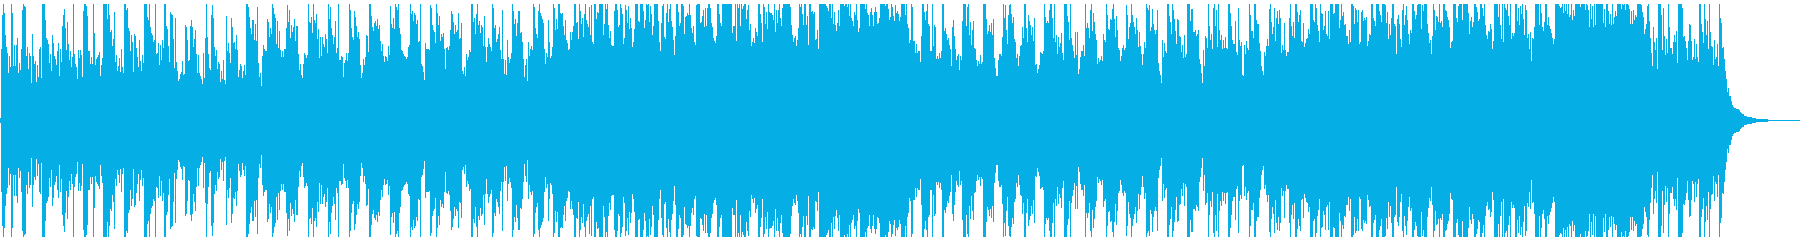 和風で幻想的で壮大な雅楽も使った曲の再生済みの波形